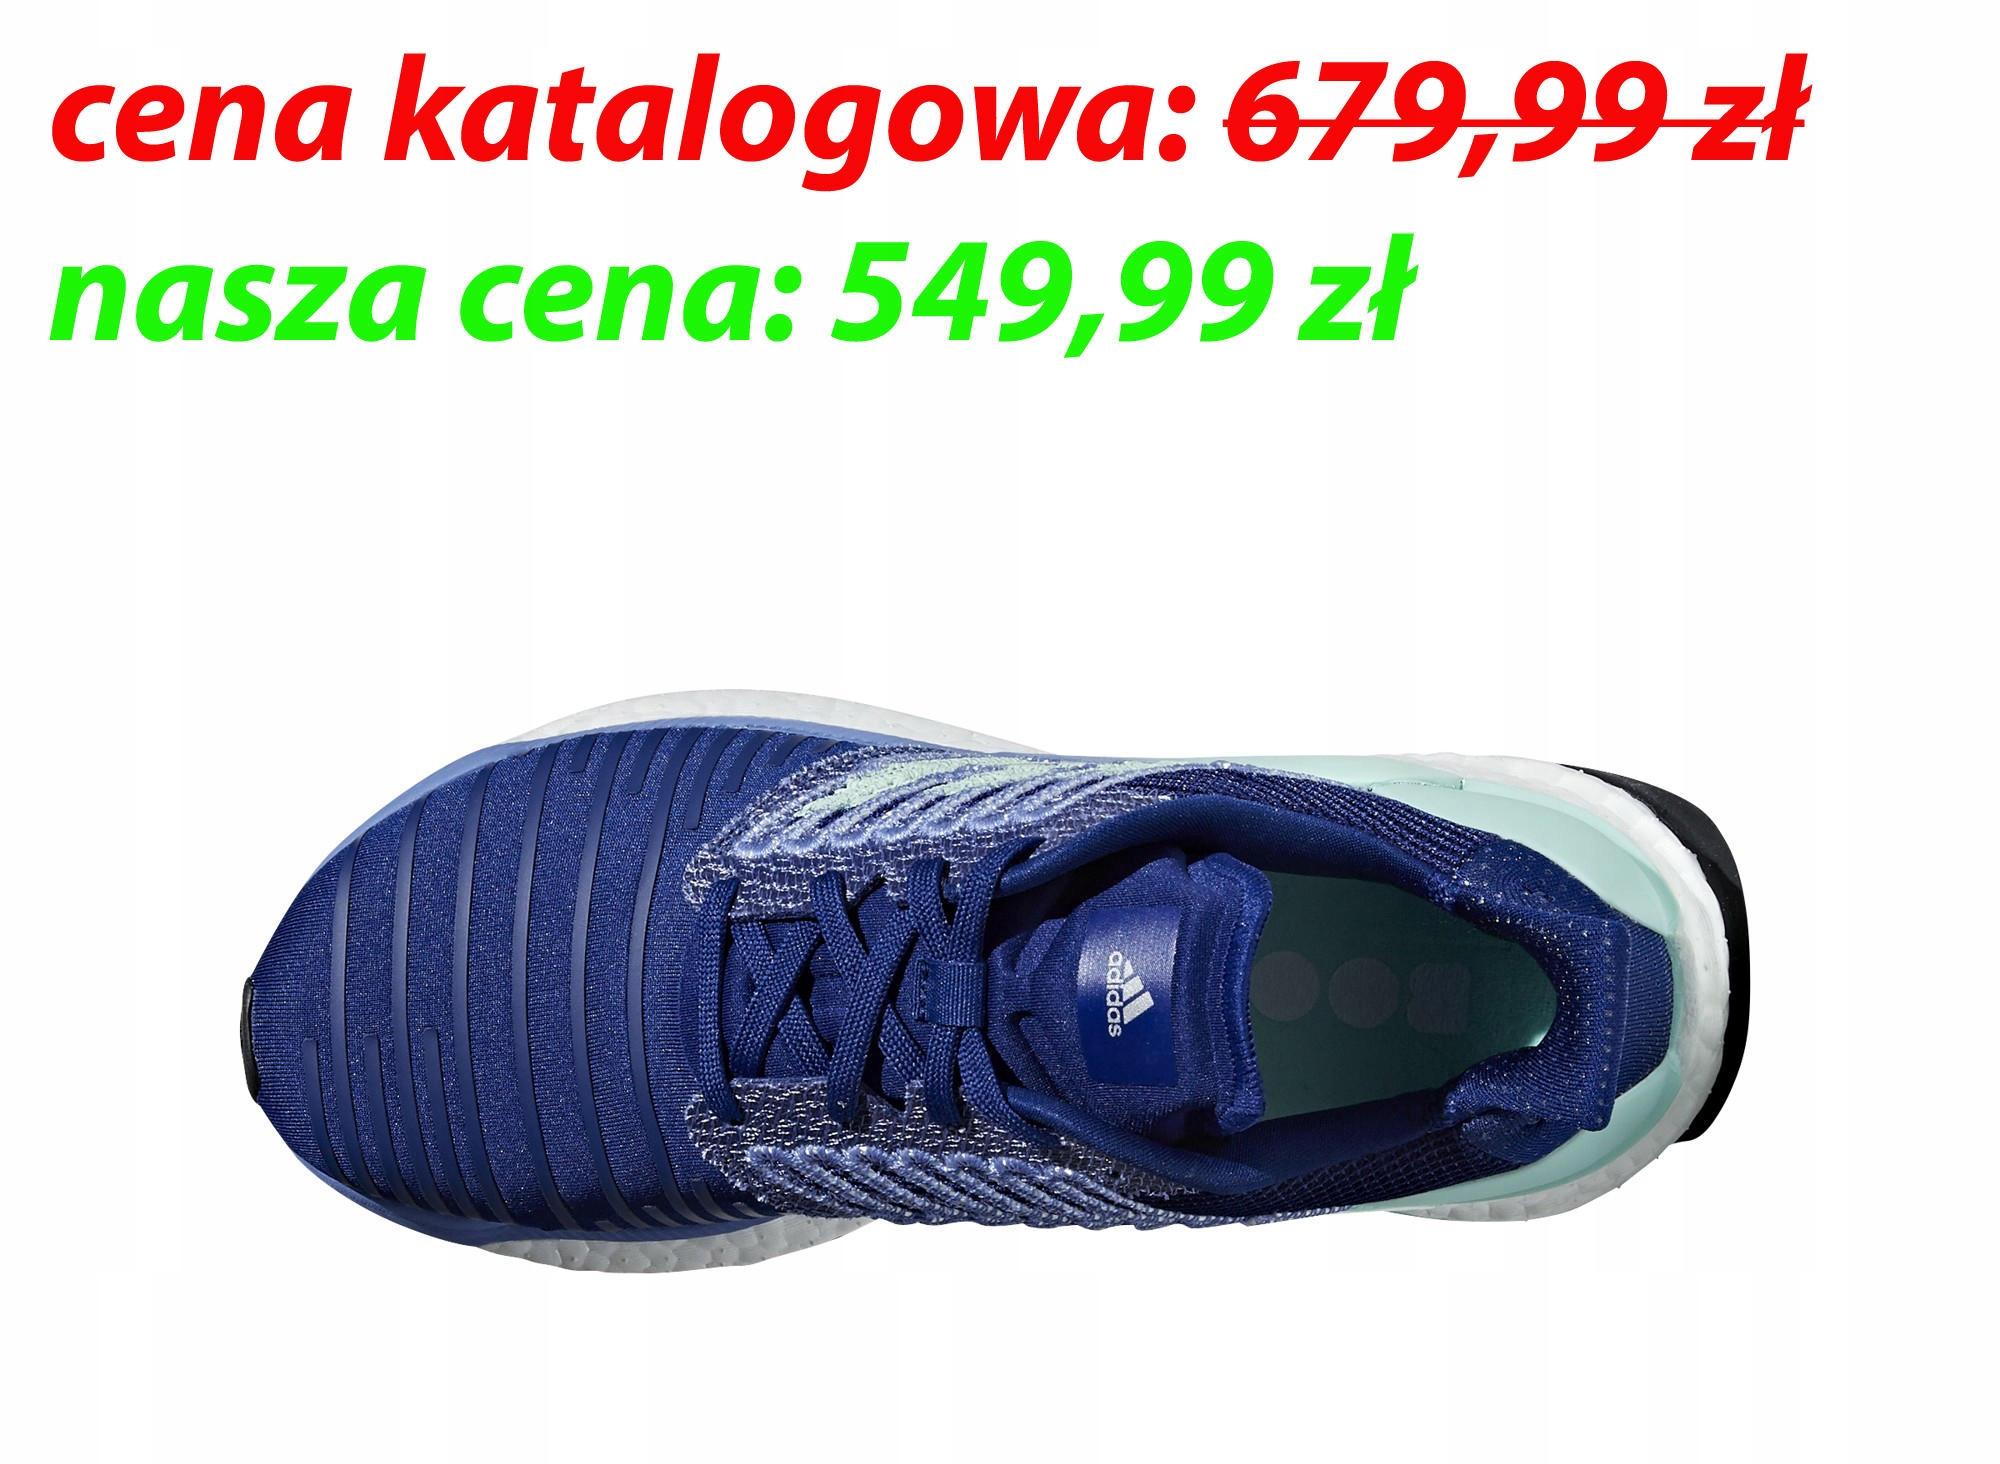 4fa6675be BUTY BIEGOWE ADIDAS SOLARBOOST BB6602 R. 39 1 3 - 7400321536 ...